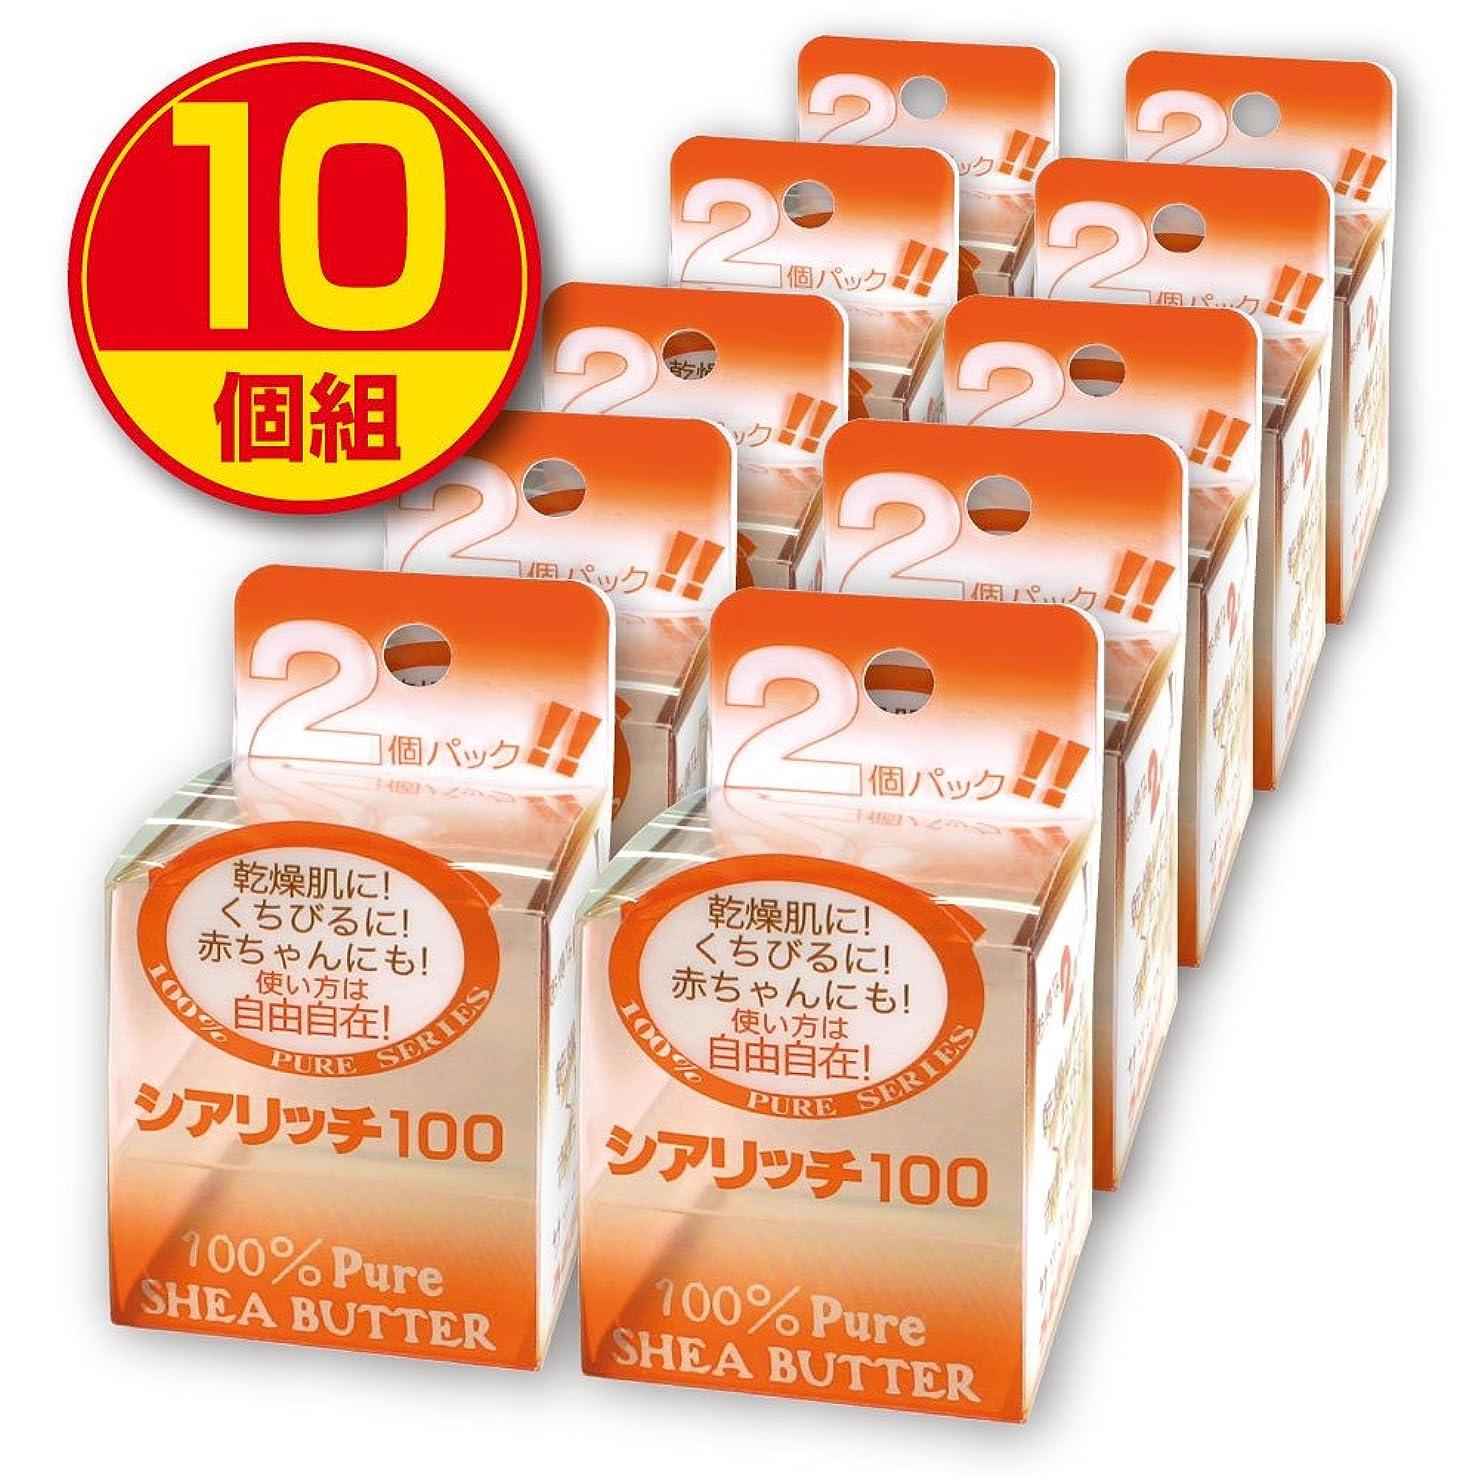 変色するハドル威する日本天然物研究所 シアリッチ100 (8g×2個入り)【10個組】(無添加100%シアバター)無香料